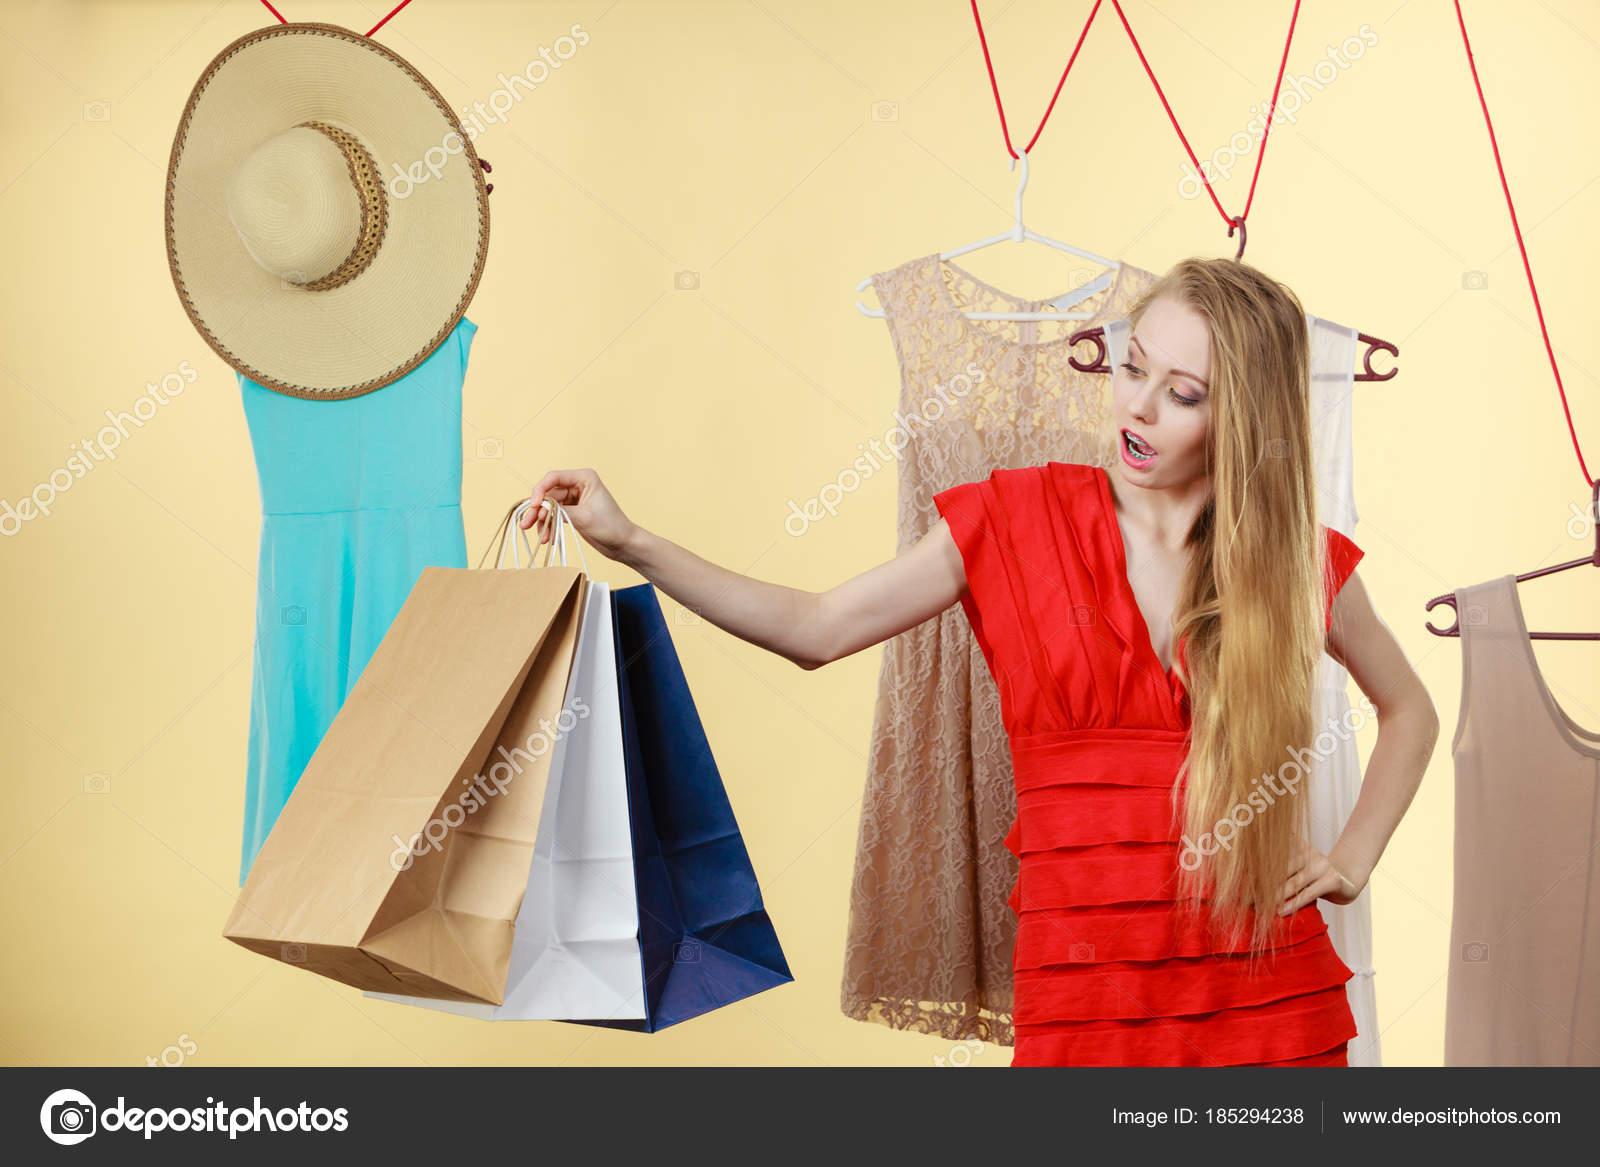 b1b24c027b A nő Shop szedés nyári ruhák, így tökéletes ruhát, ruha kiválasztása az új  gyűjtemény, gazdaság sok papír táskák. Divat, jó vásárlási koncepció — Fotó  ...